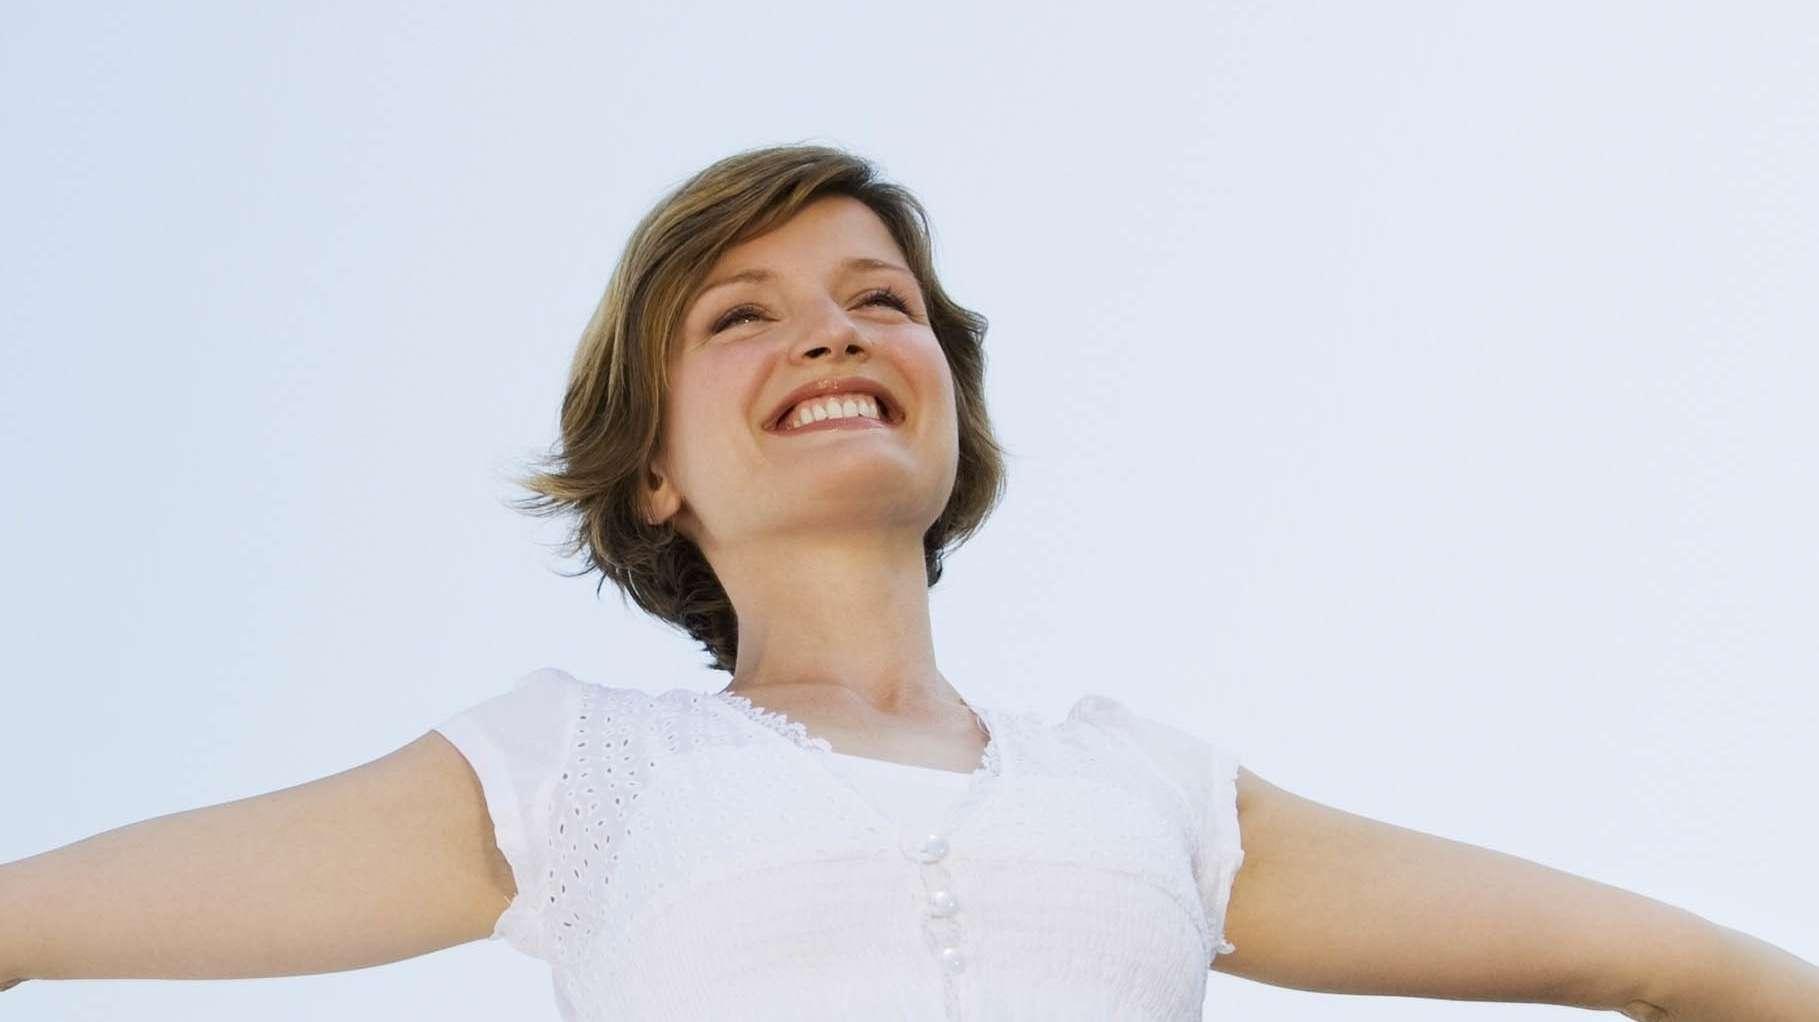 Mit ausgebreiteten Armen lächelnde Frau